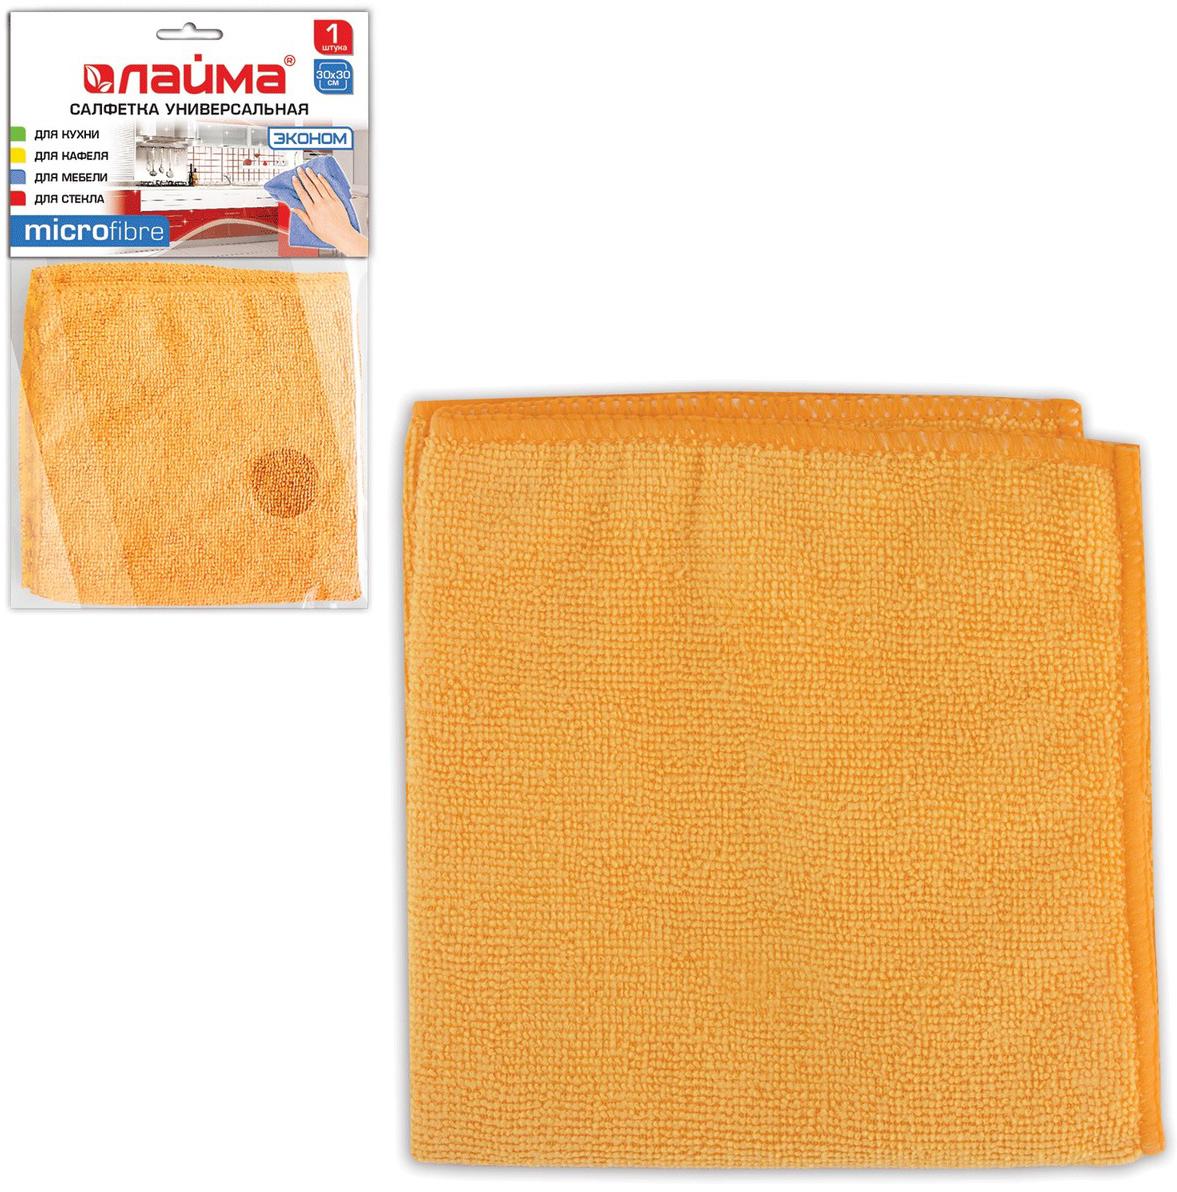 Салфетка Лайма, универсальная, цвет: оранжевый, 30 х 30 см601242Салфетка из микрофибры универсальна в применении: подходит для любых гладких поверхностей. Эффективно удаляет загрязнения и пыль без использования чистящих средств, не оставляет разводов и ворсинок. Подходит для сухой и влажной уборки.